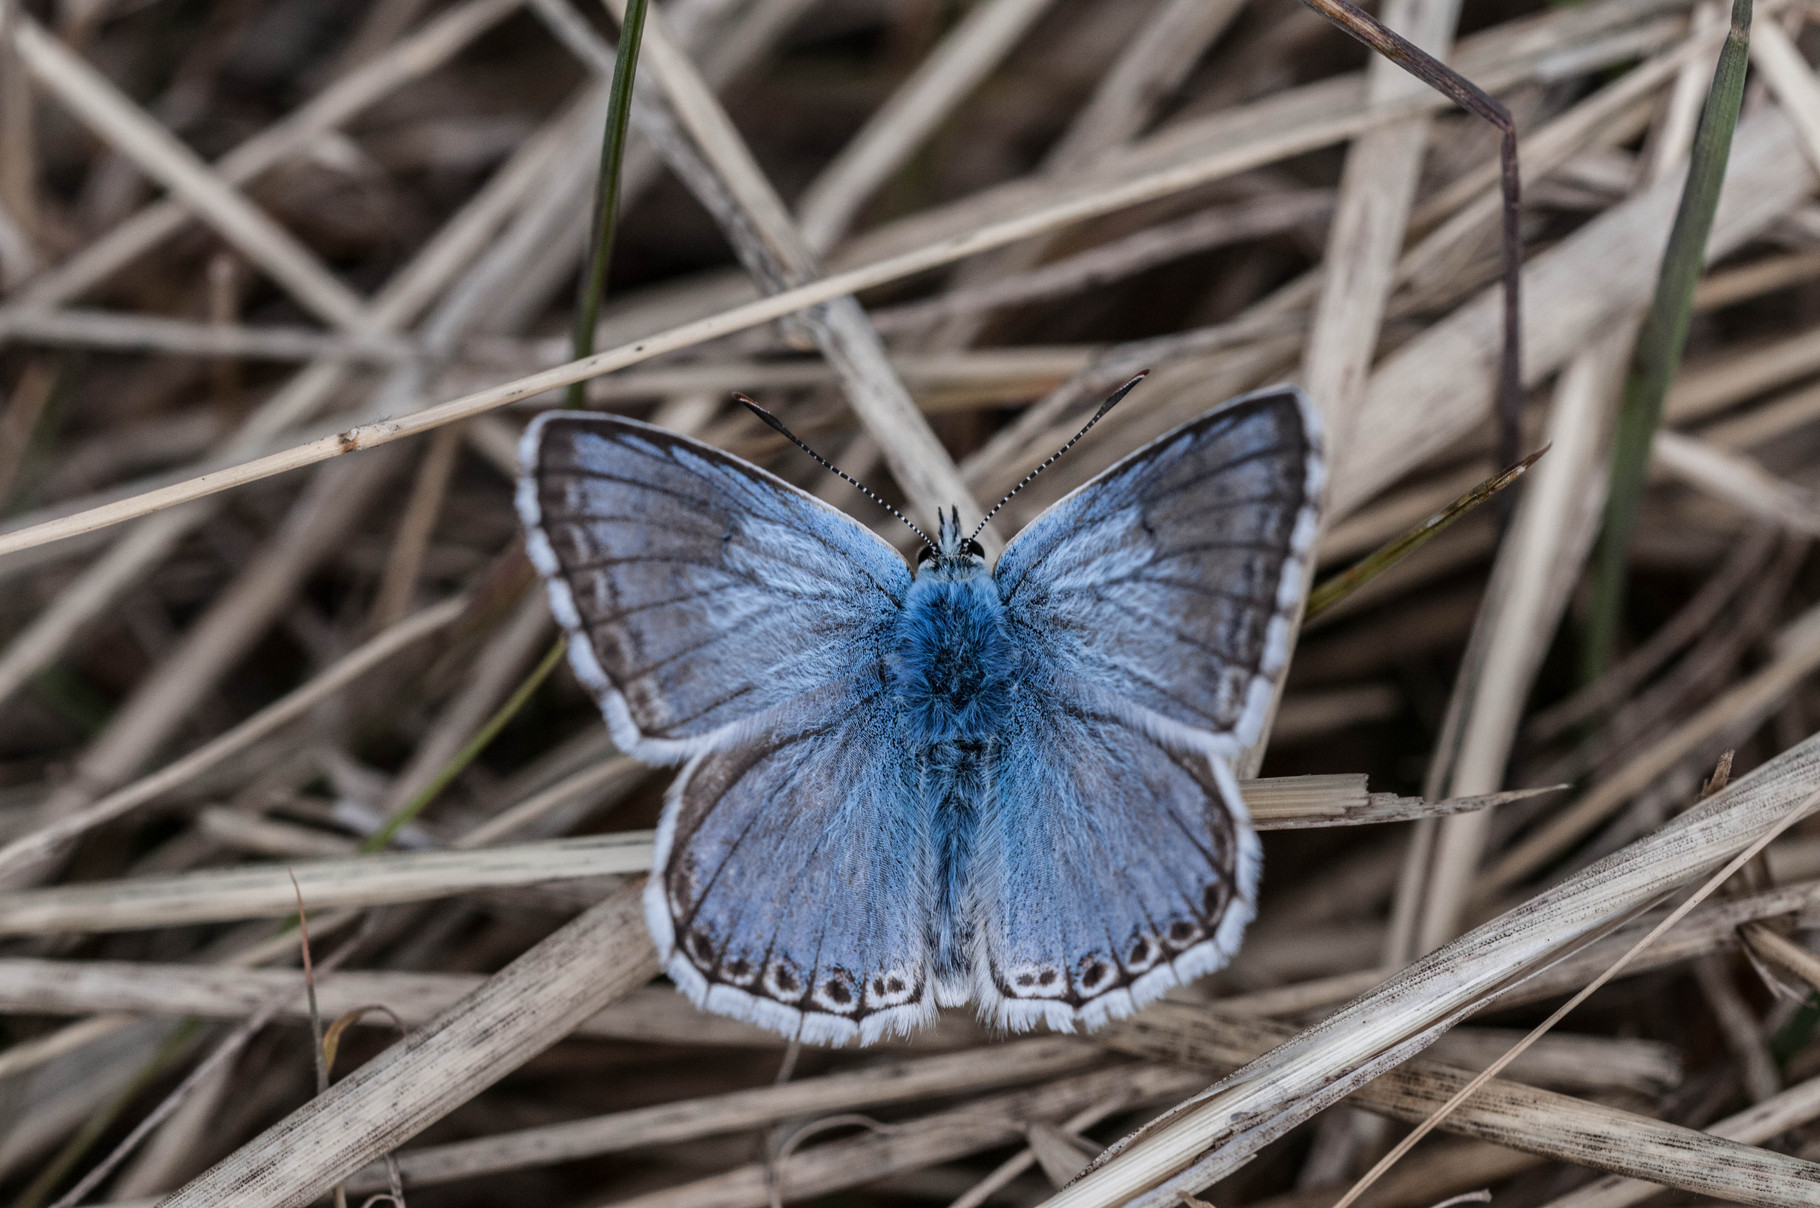 Silbergrüner_Bläling_Polyommatus_coridon